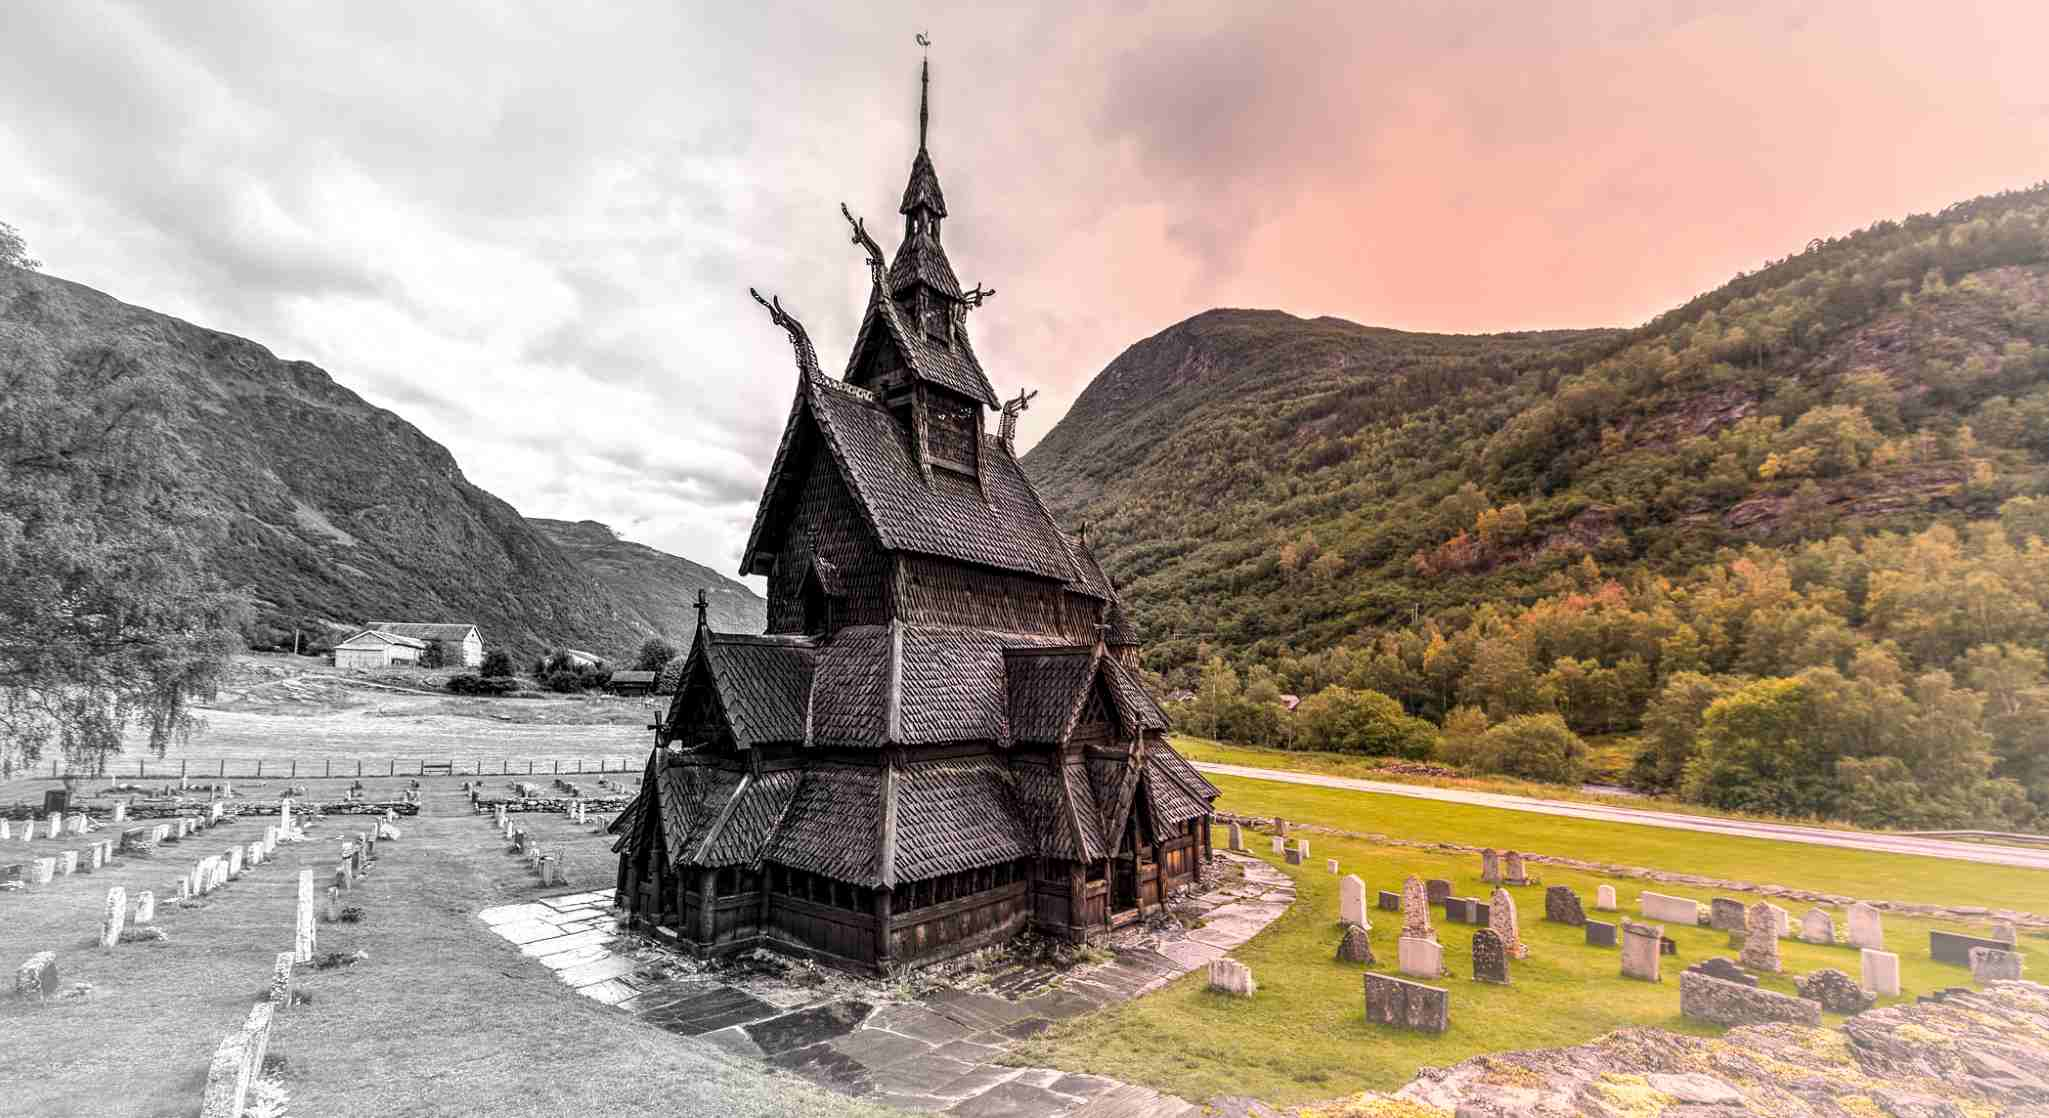 Норвежки пейзаж